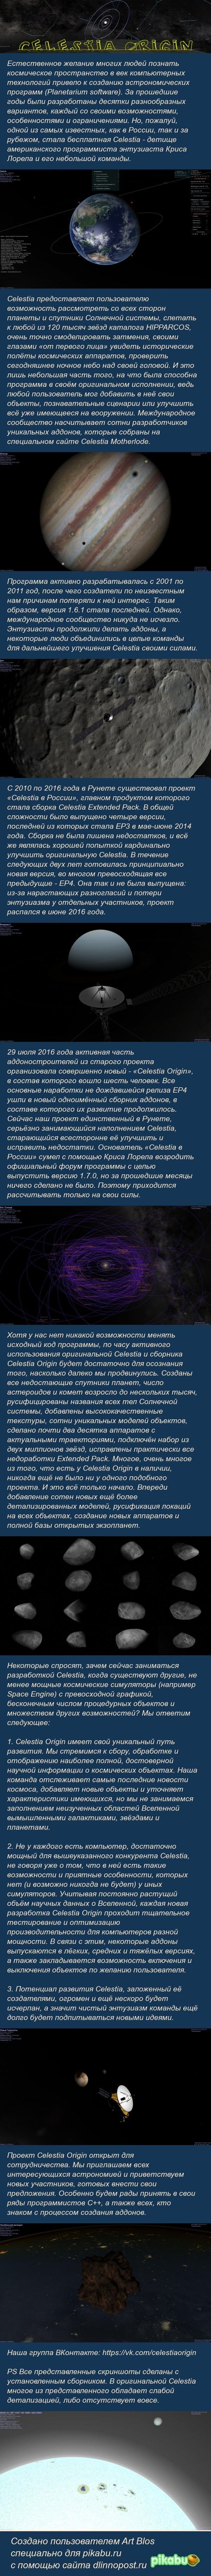 Celestia Origin - продолжение развития Целестии силами энтузиастов celestia симулятор, космос, астрономия, программы, планета, астероид, кометы, длиннопост